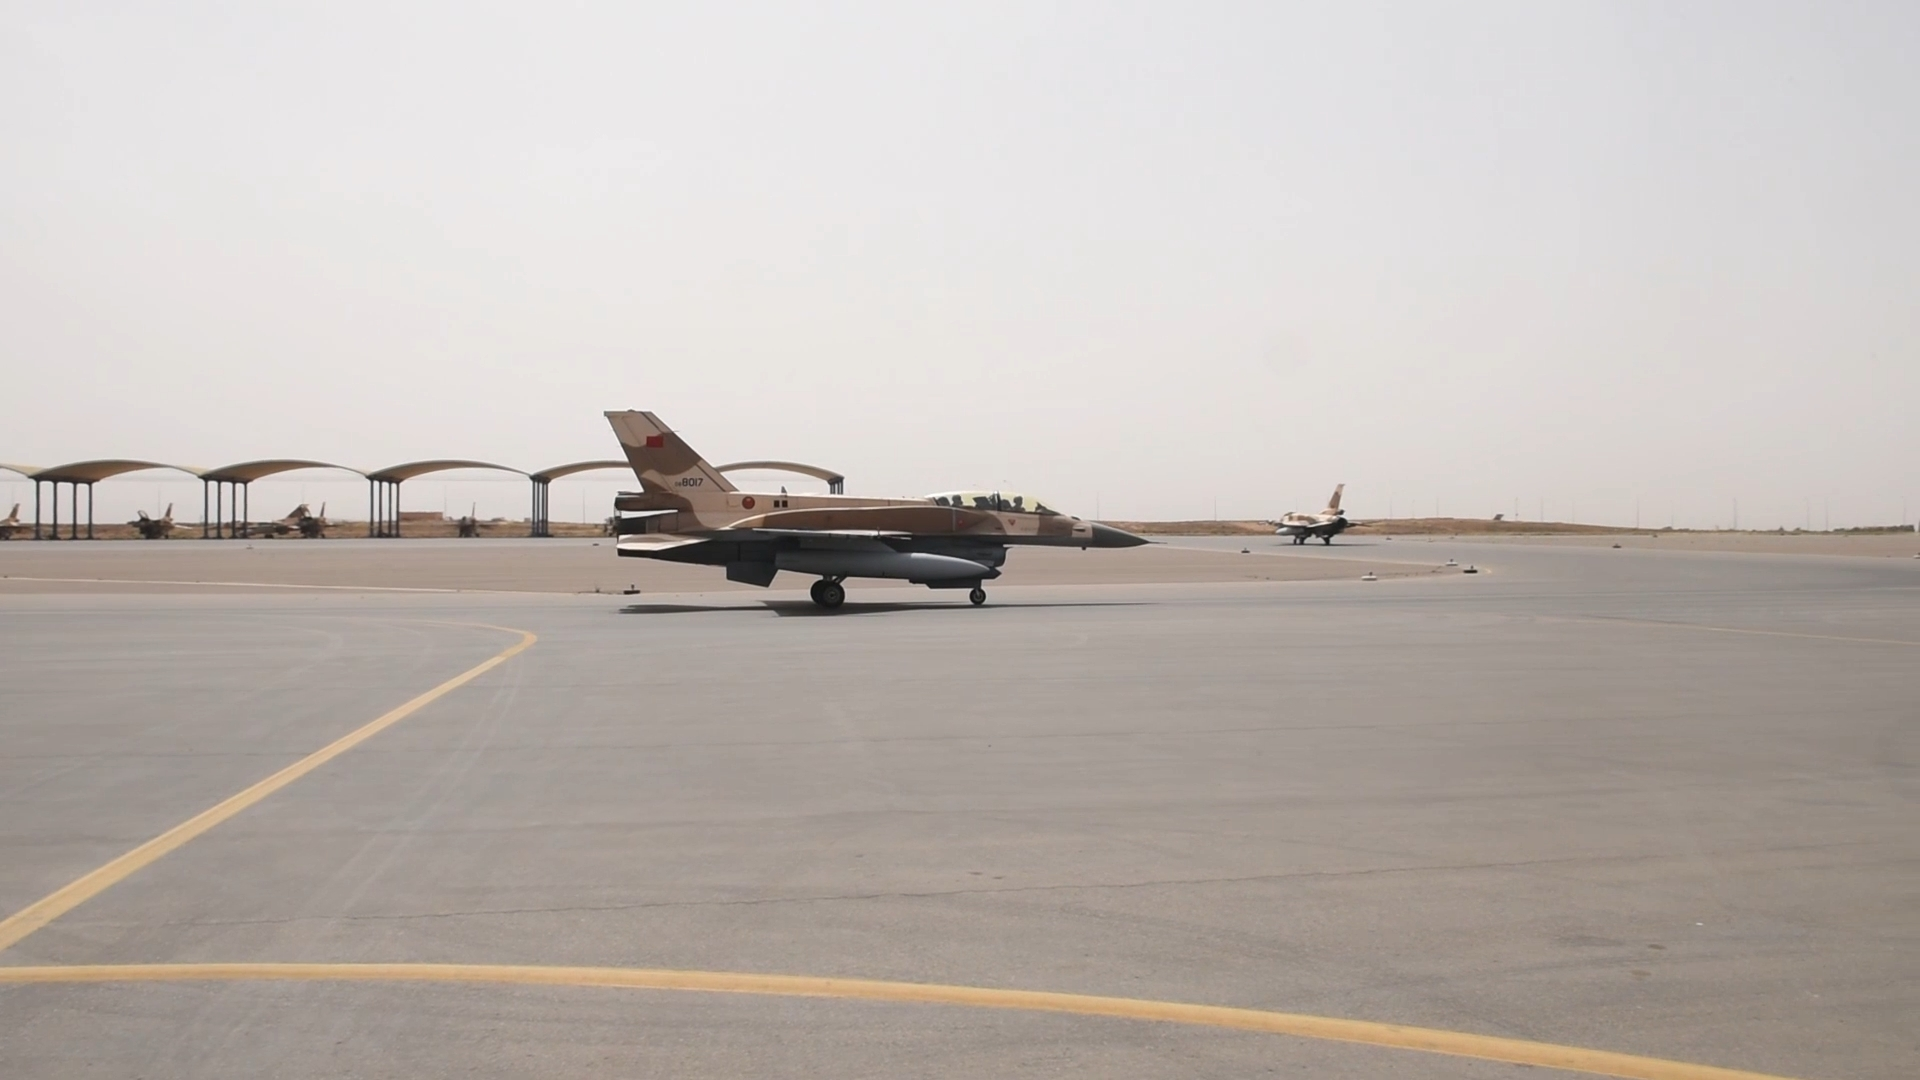 Photos RMAF F-16 C/D Block 52+ - Page 12 33642532608_bbd91fa16c_o